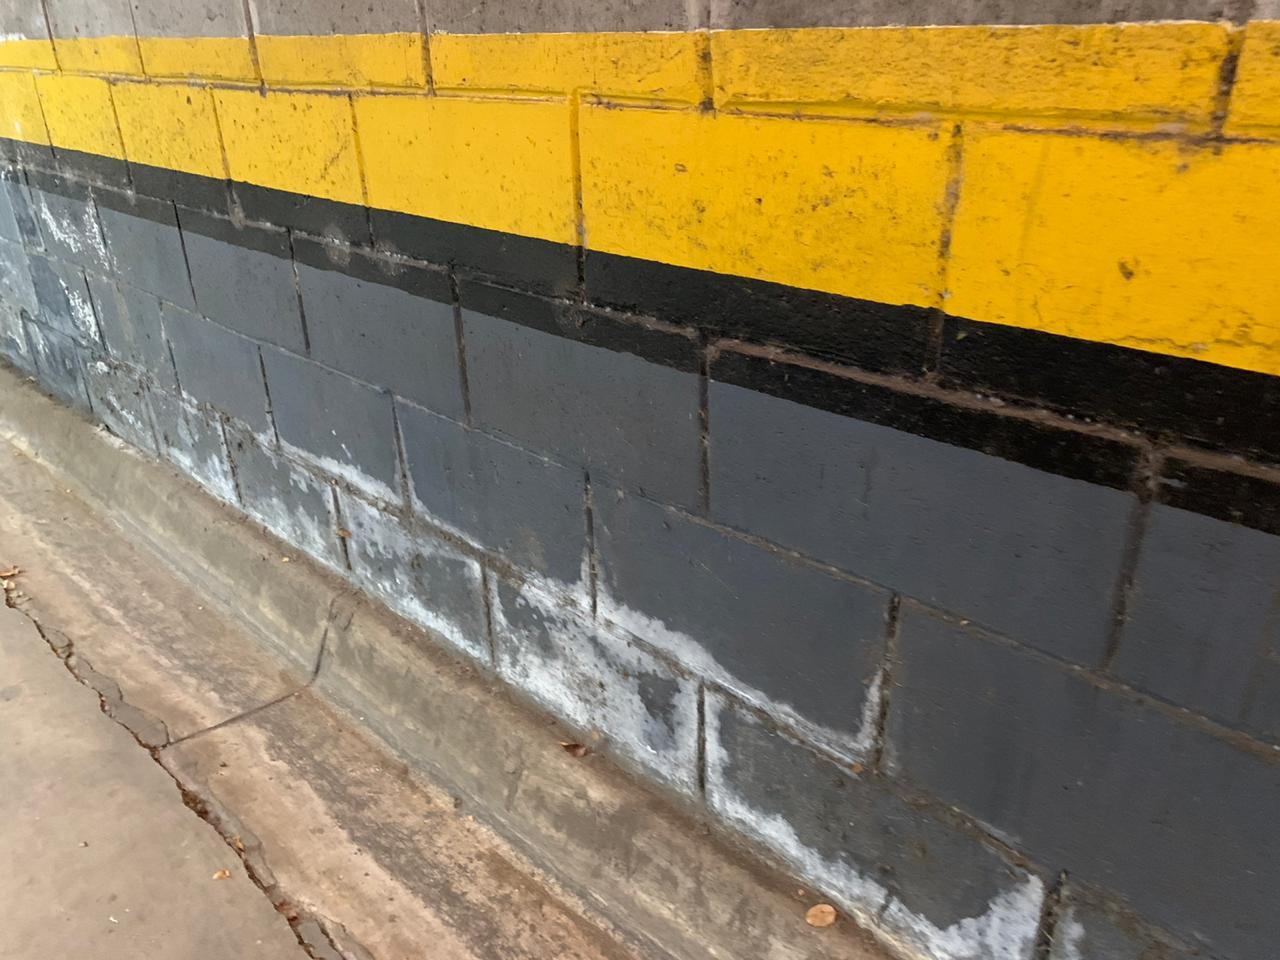 Eflorescência em Bloco de Concreto Através de PinturaAcrílica